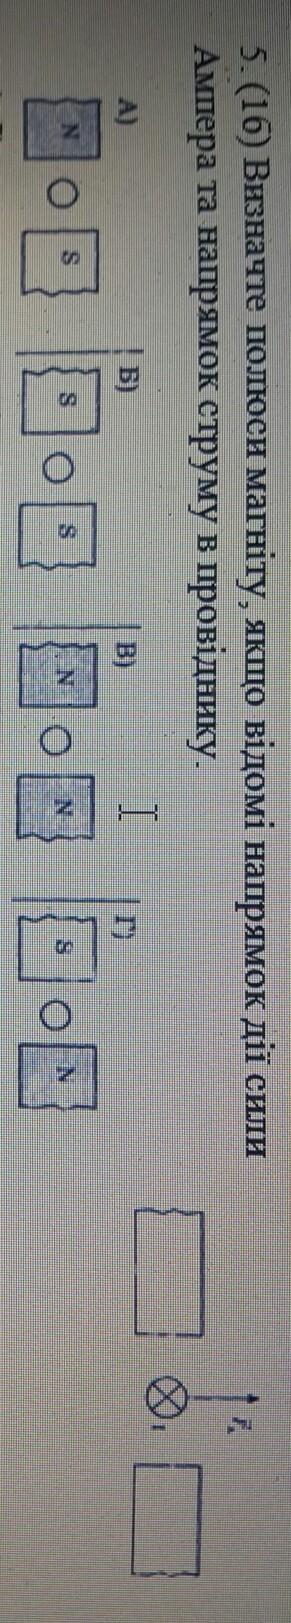 Визначте полюси магніту,якщо відомі напрямок дії сили та струму в провіднику